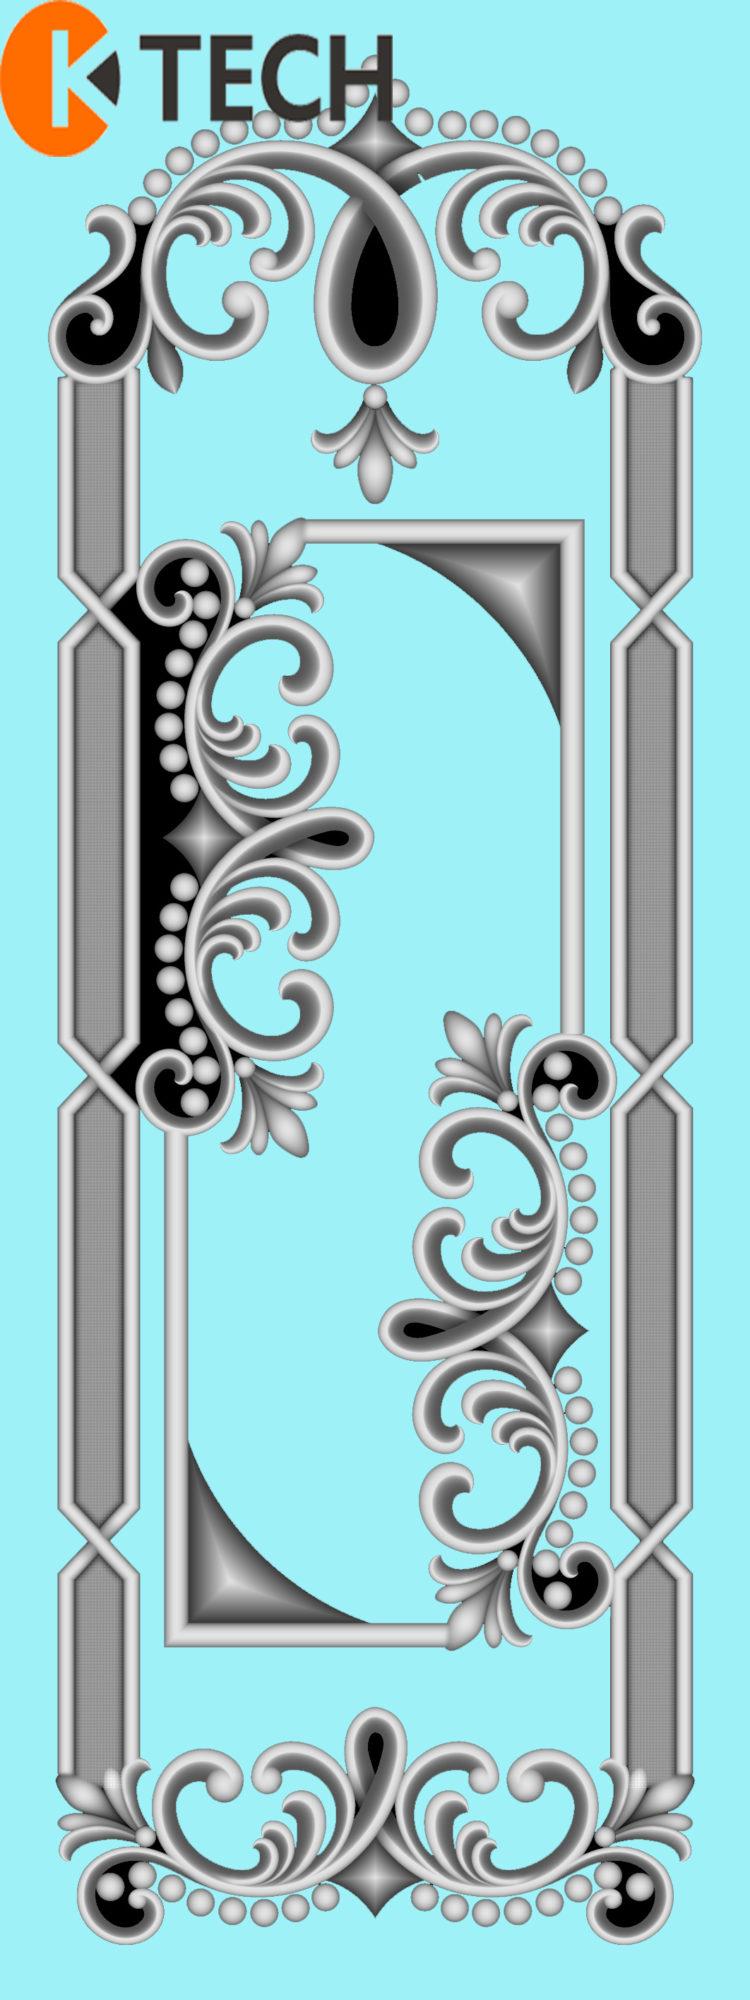 K-TECH CNC Mixing Doors Design 03